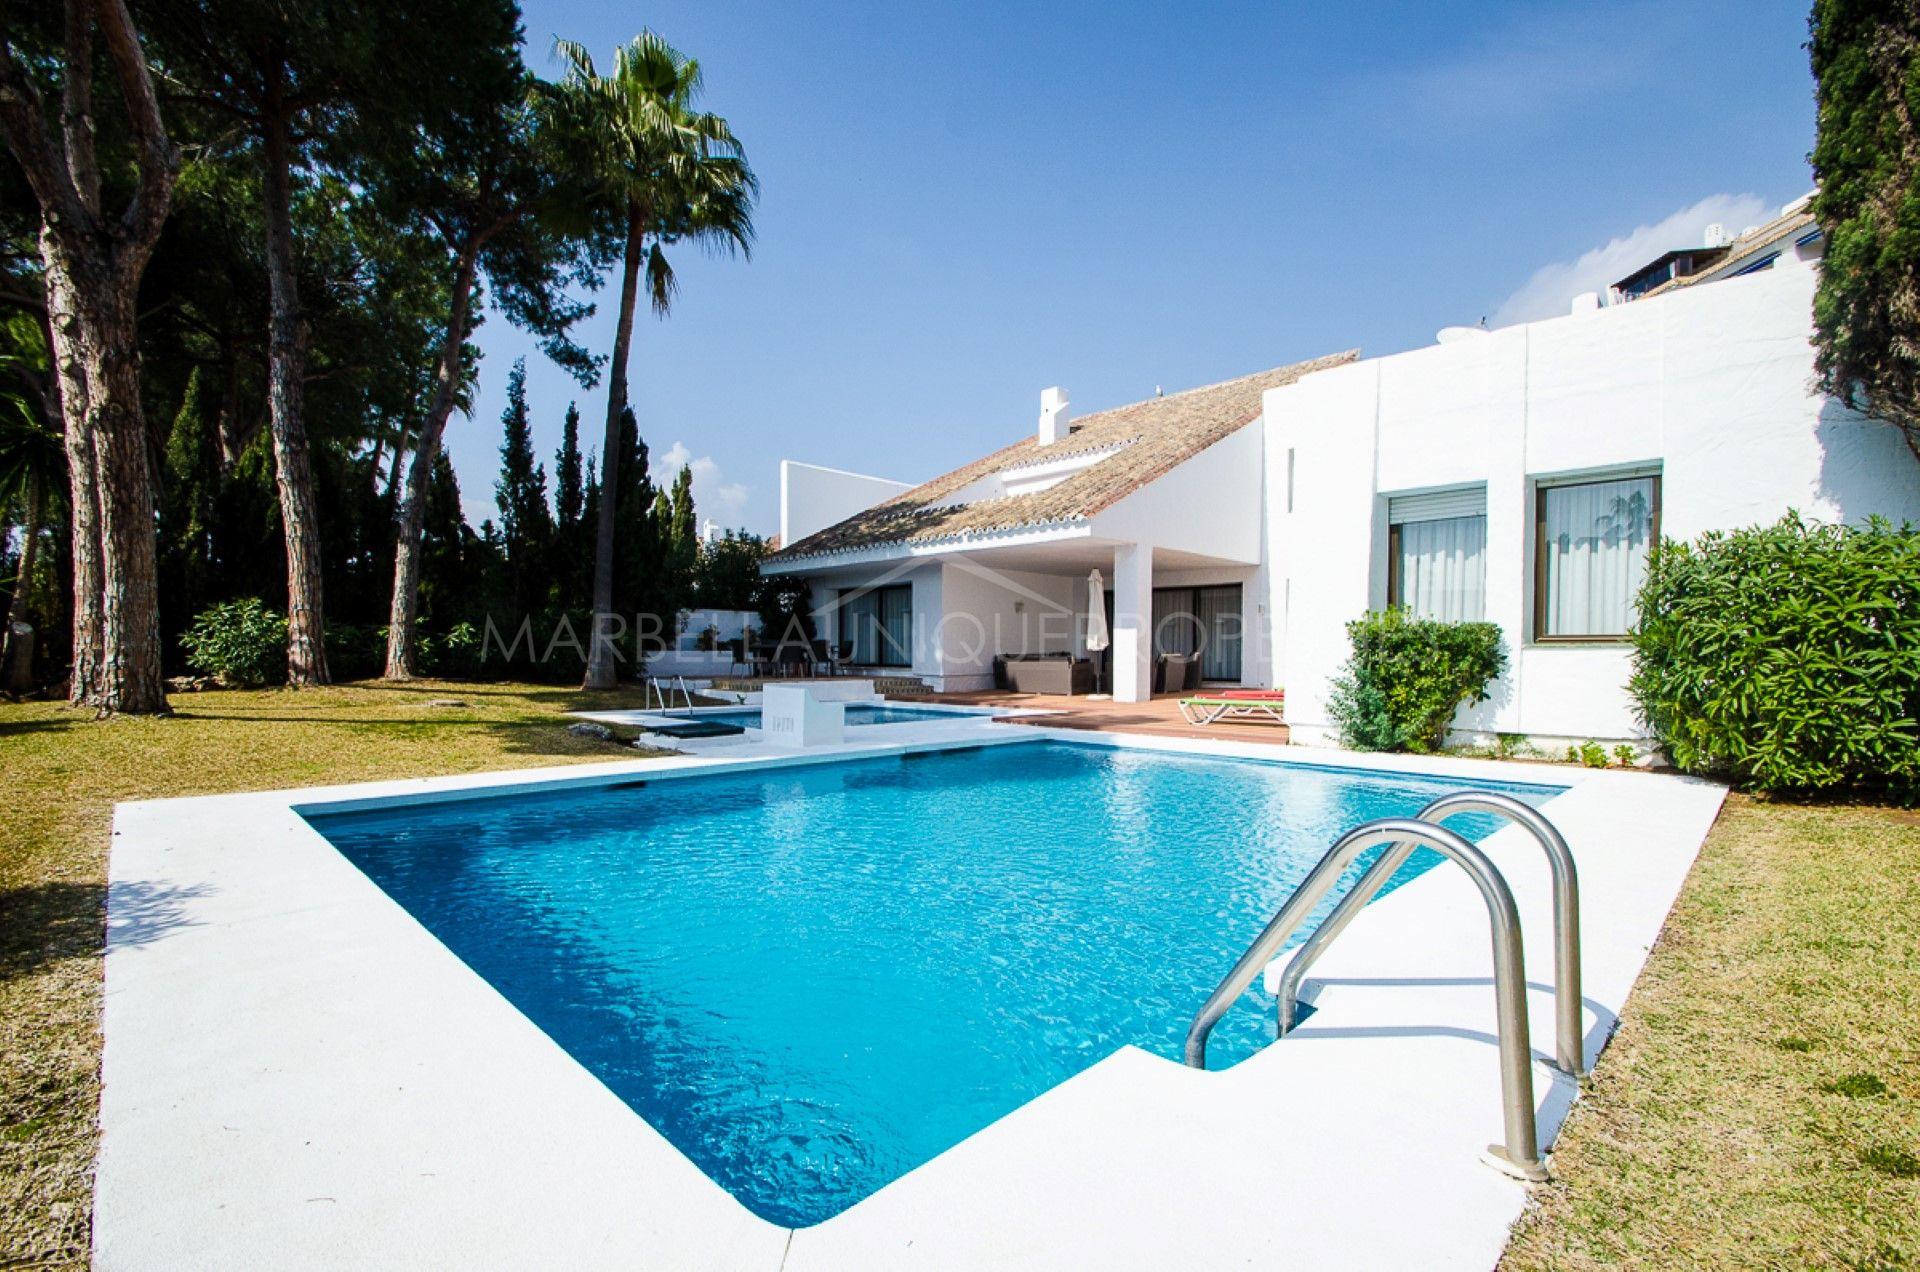 Villas en alquilar en marbella puerto banus - Gray d albion puerto banus ...